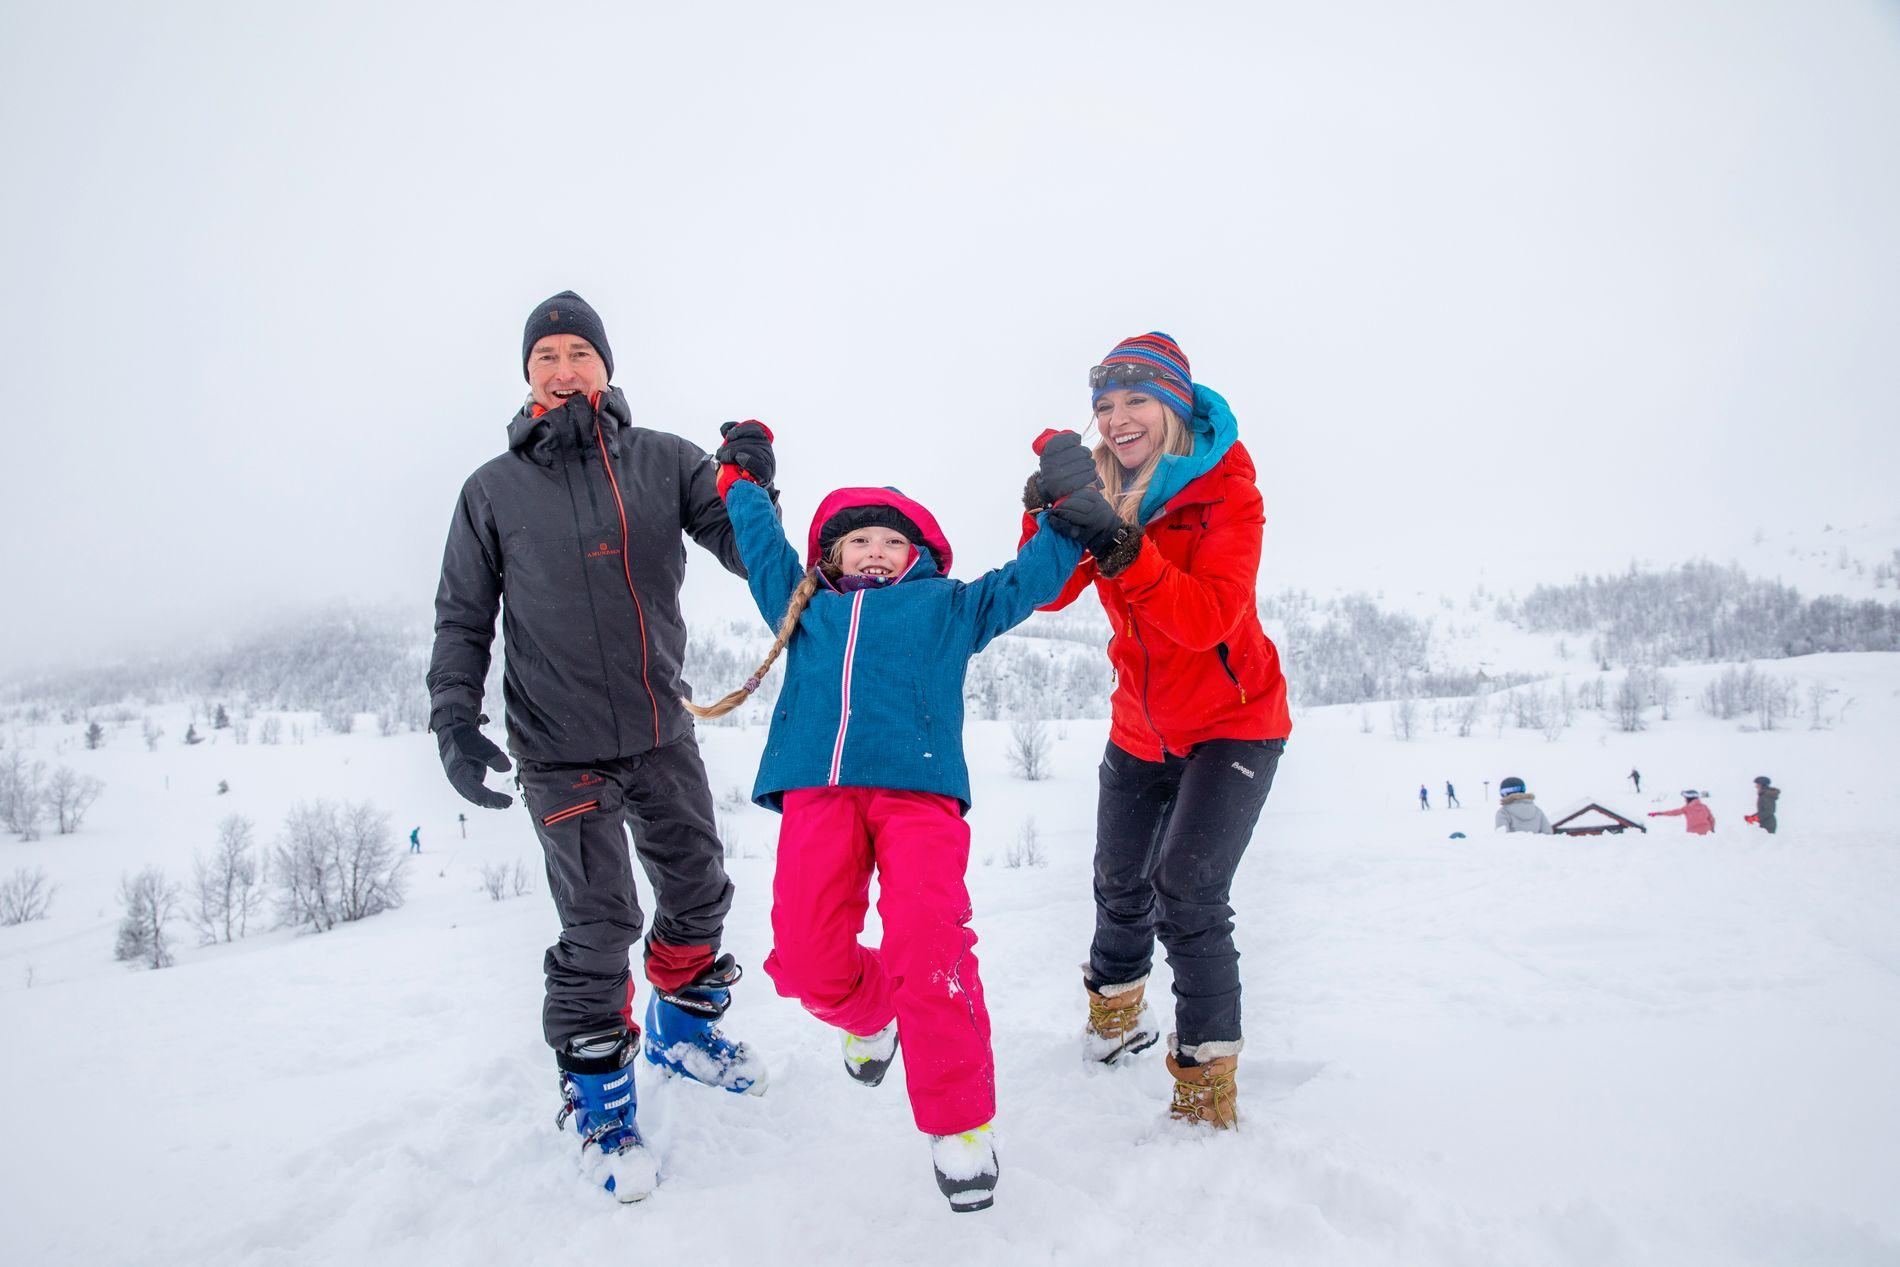 STOLTE FORELDRE: Trude og Cato har datteren Celine (8) sammen. Hun koste seg på fjellet sammen med mamma og pappa.